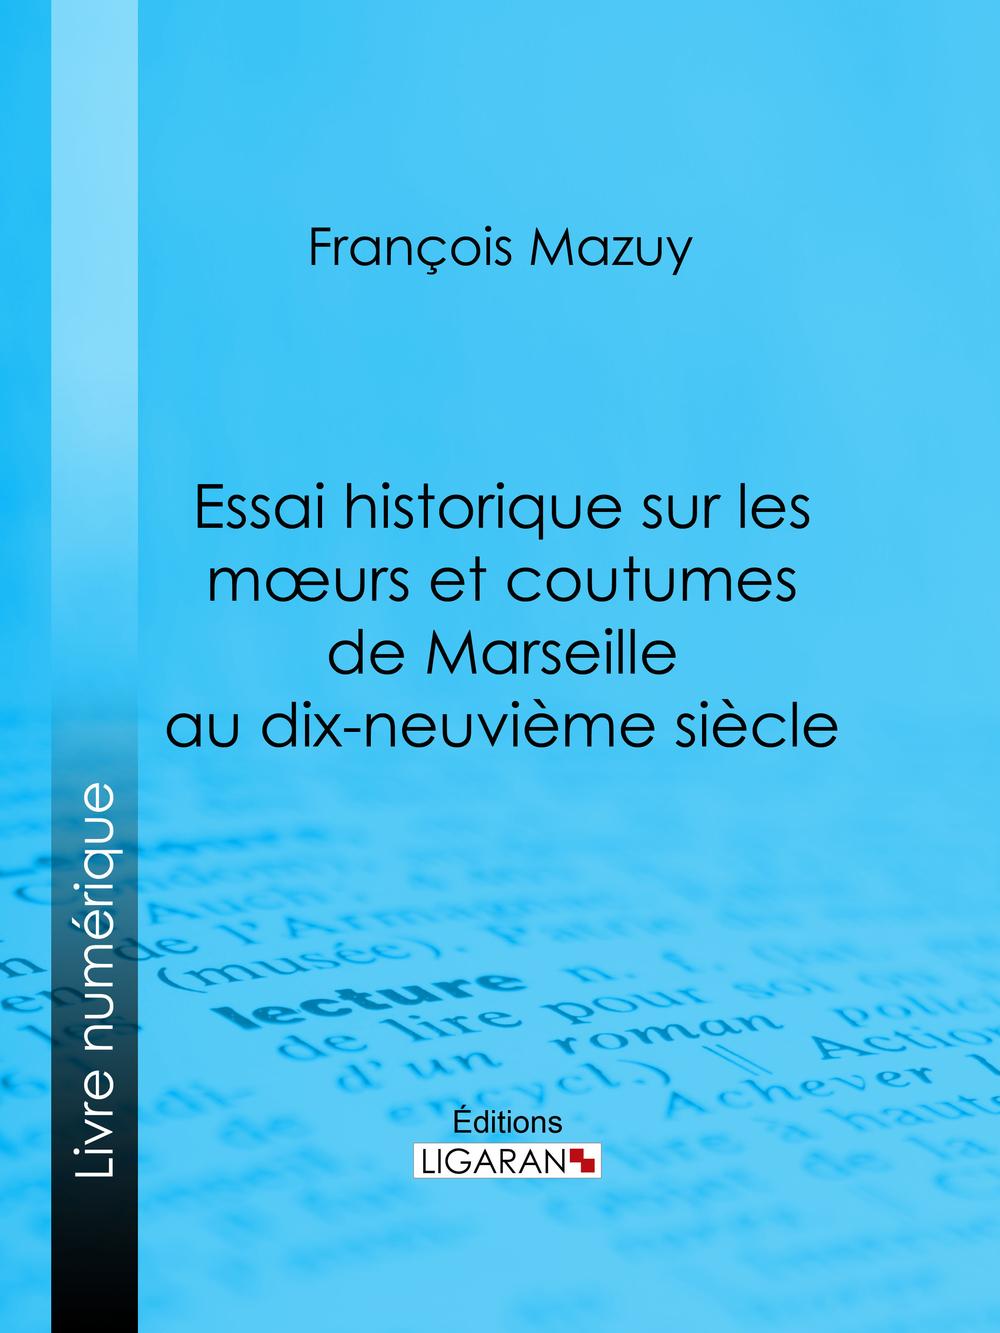 Essai historique sur les moeurs et coutumes de Marseille au dix-neuvième siècle